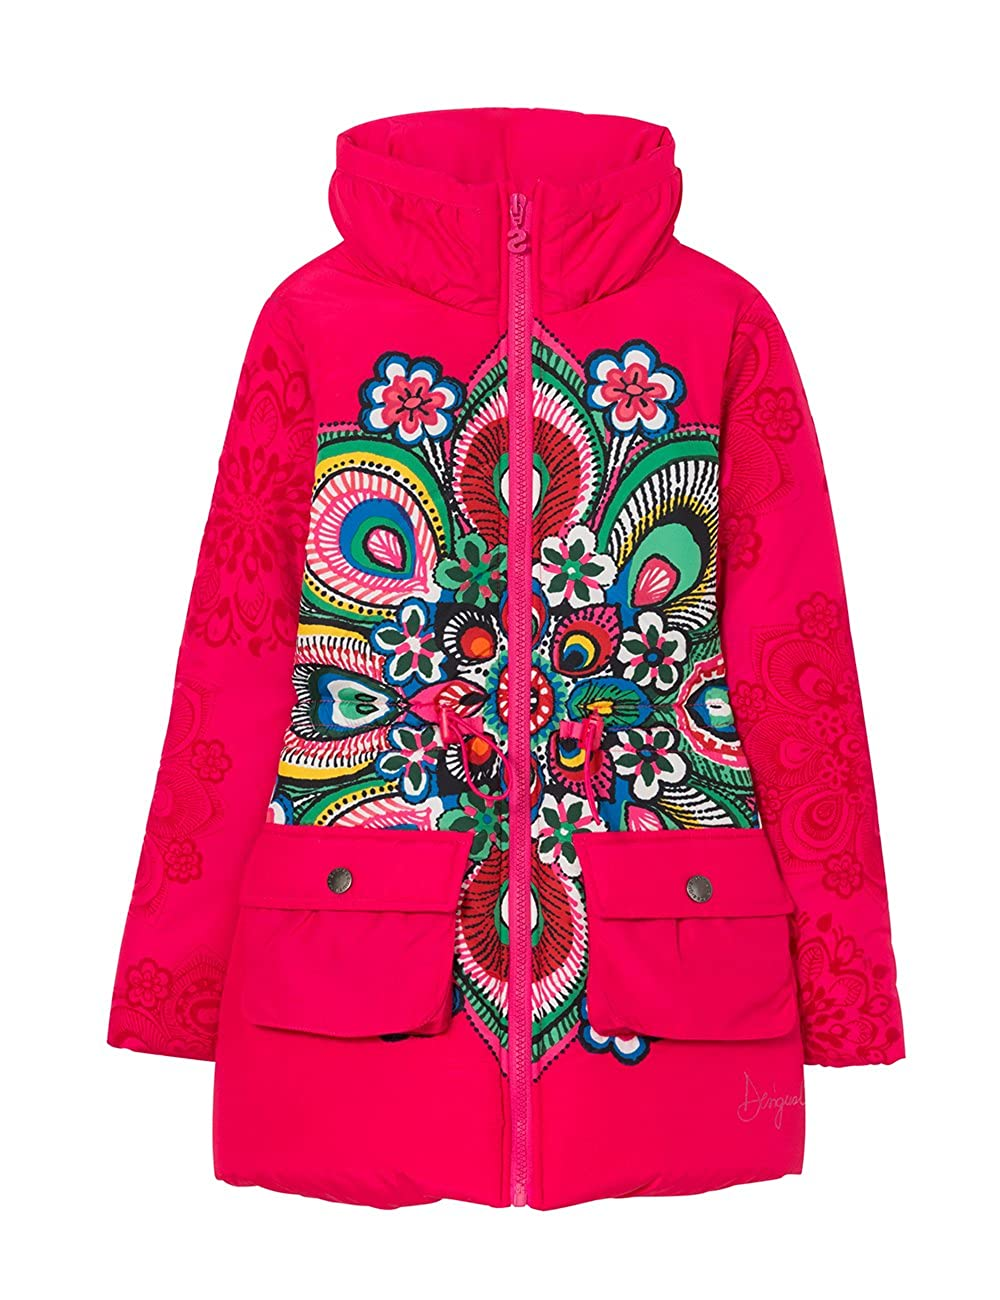 Desigual Girl's Chaq_rosseau Coat